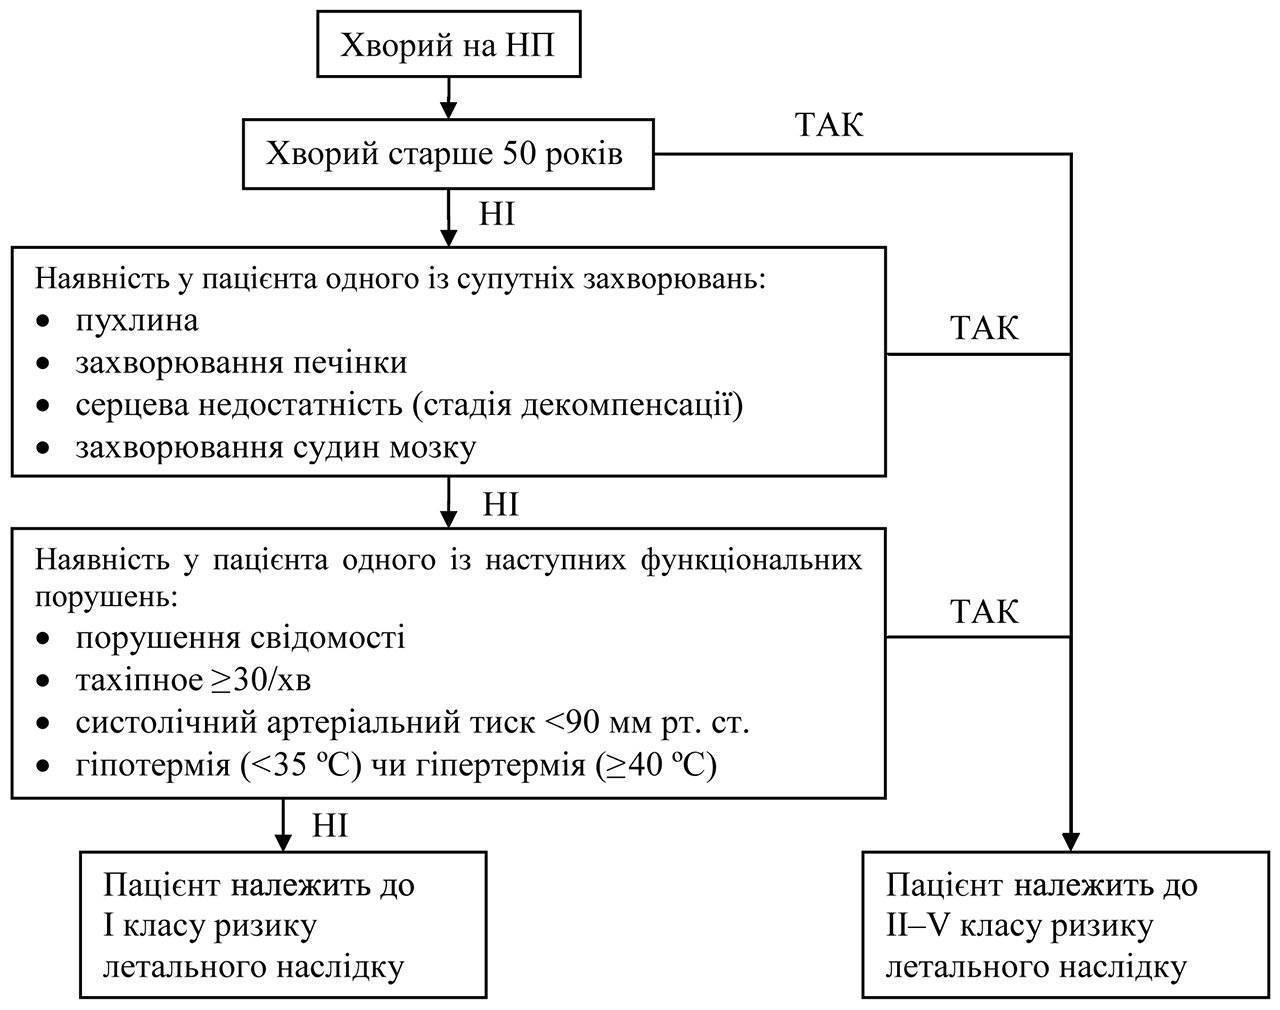 Классификация и симптомы пневмонии   полезные знания для всех